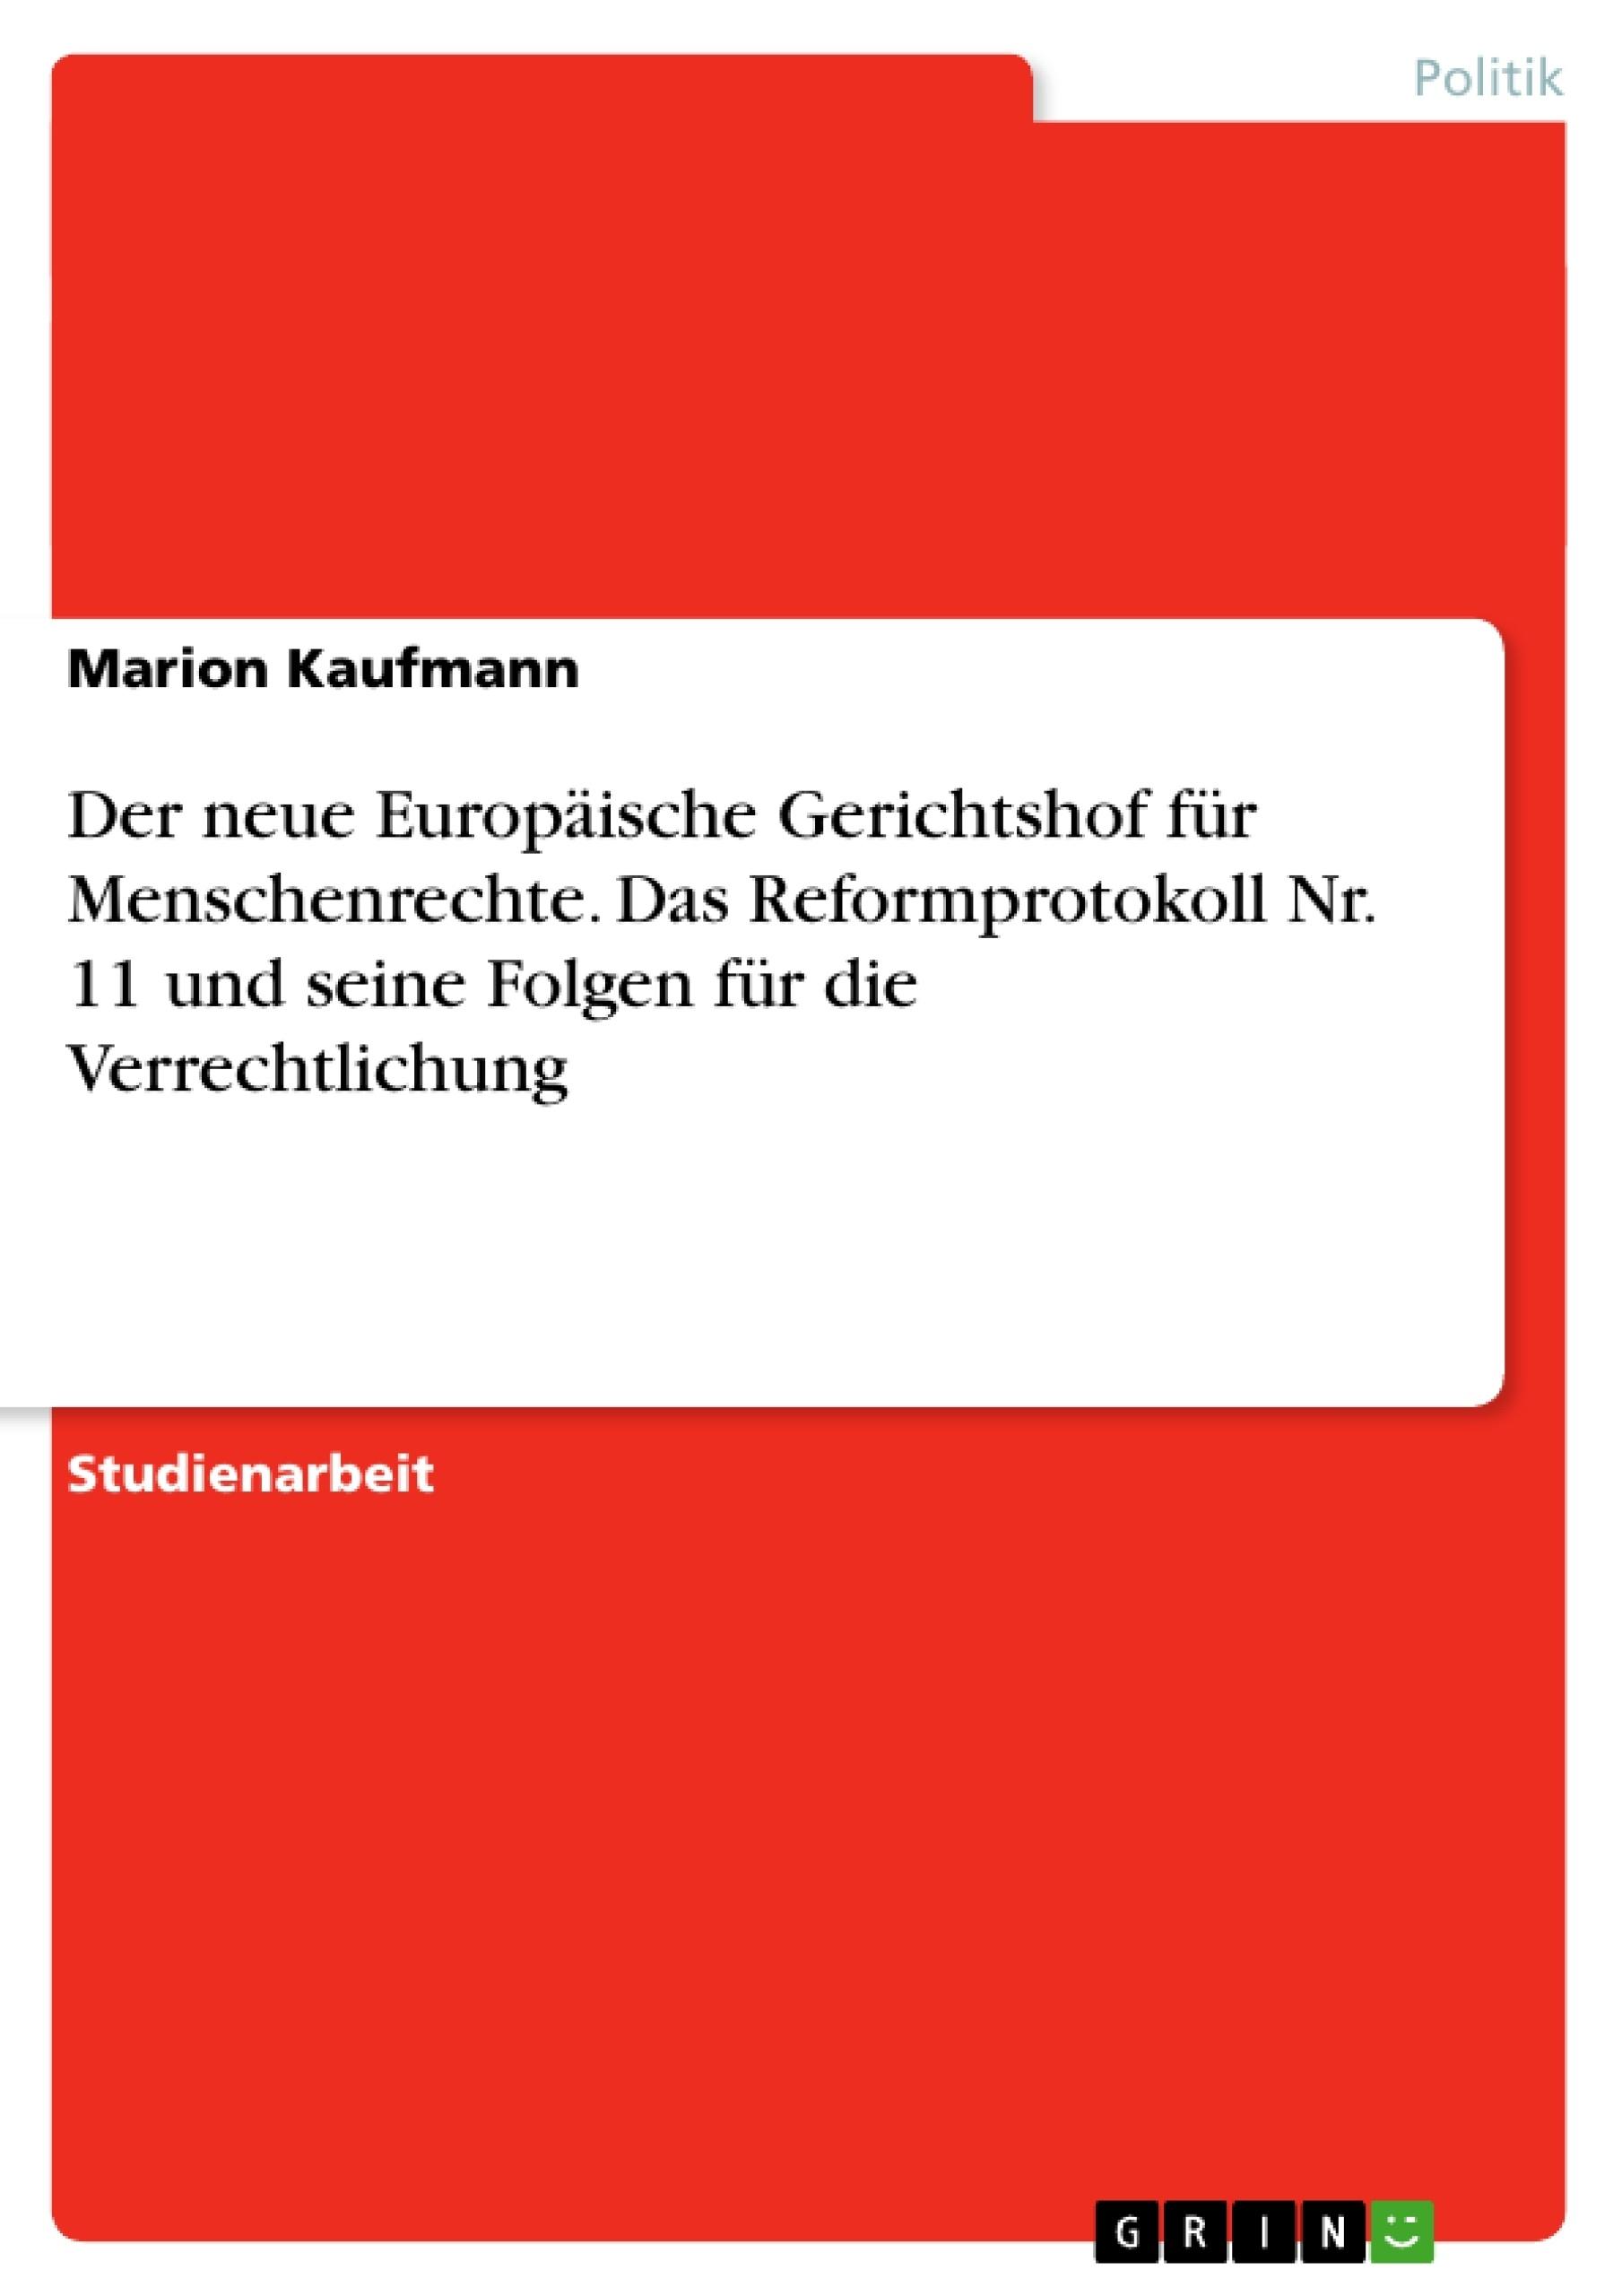 Titel: Der neue Europäische Gerichtshof für Menschenrechte. Das Reformprotokoll Nr. 11 und seine Folgen für die Verrechtlichung